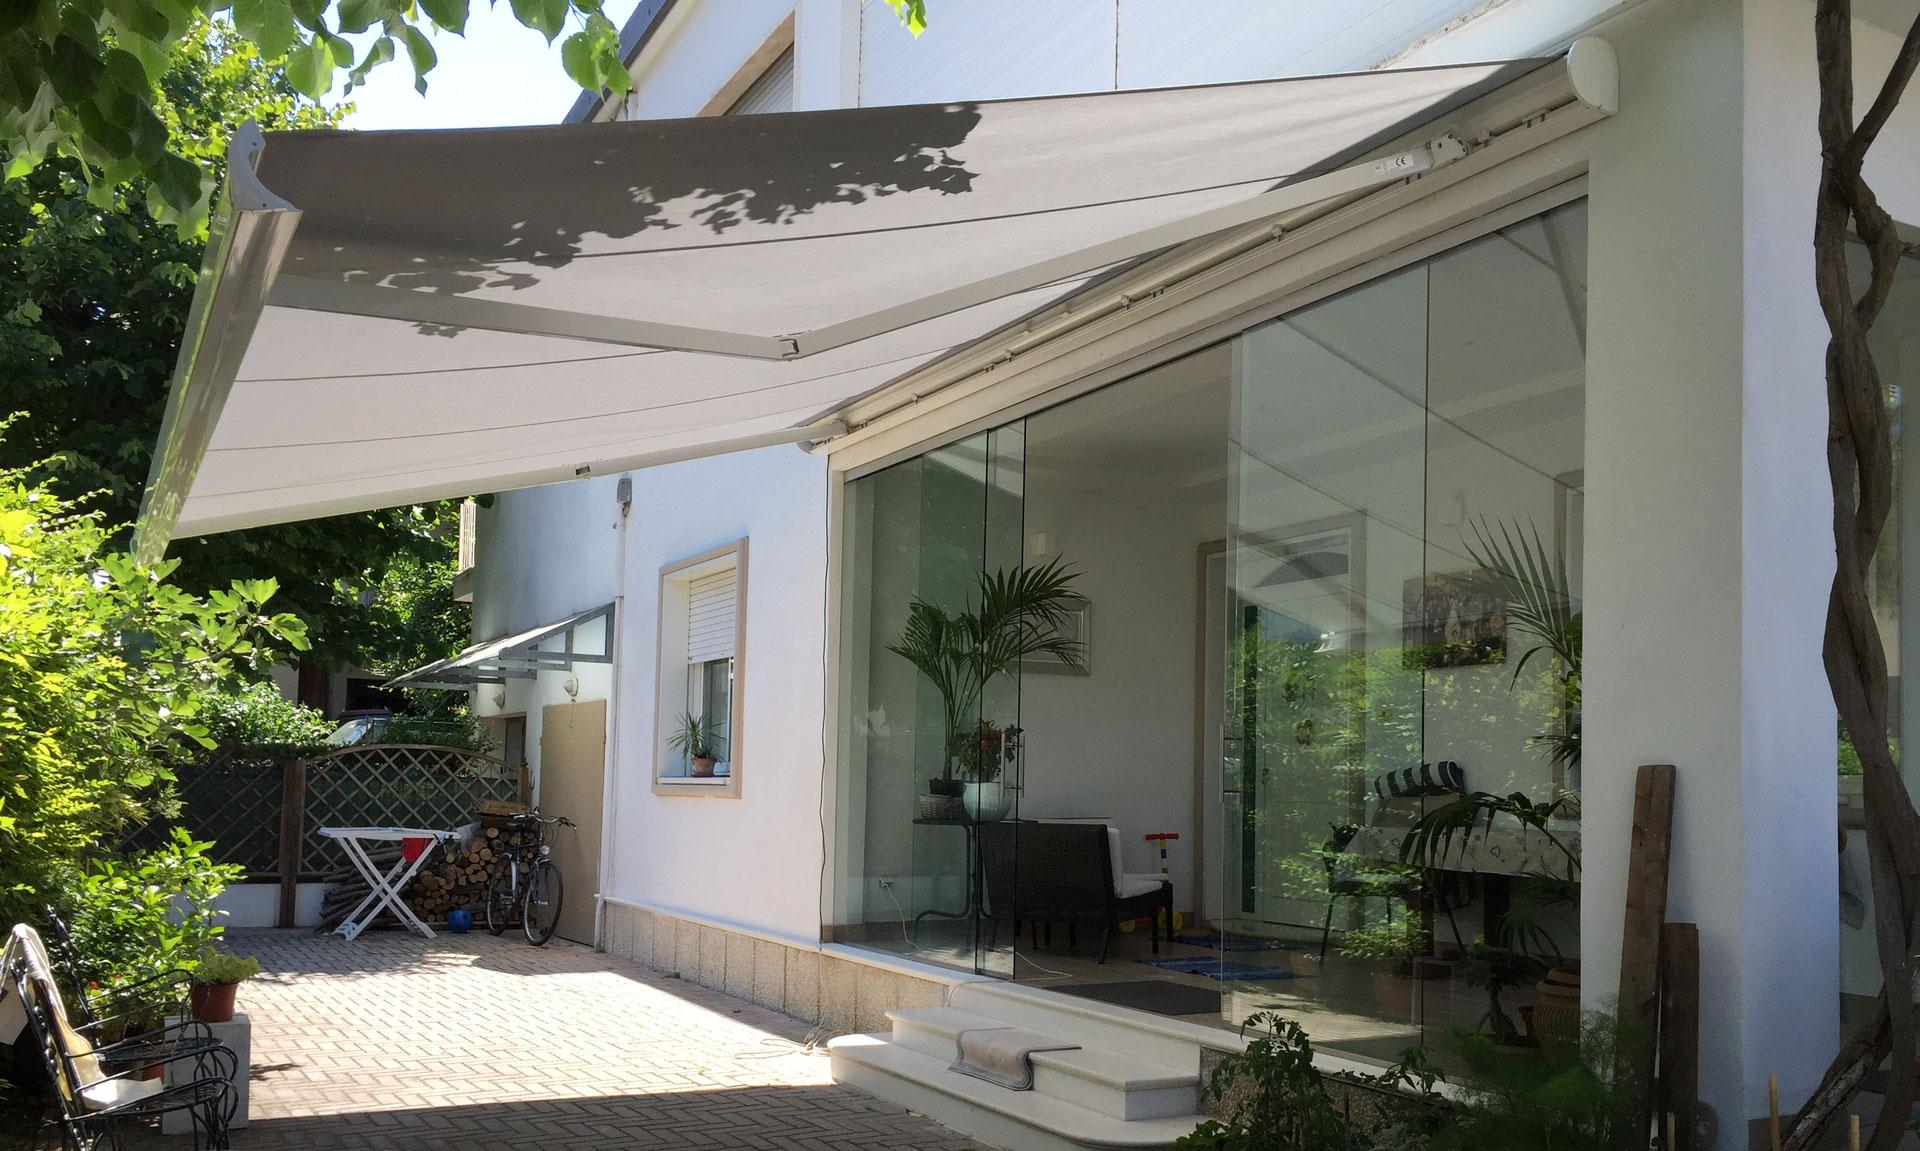 Arredamento Da Giardino Rimini.Tenda A Bracci In Giardino Raggini Arredo Tessile Outdoor